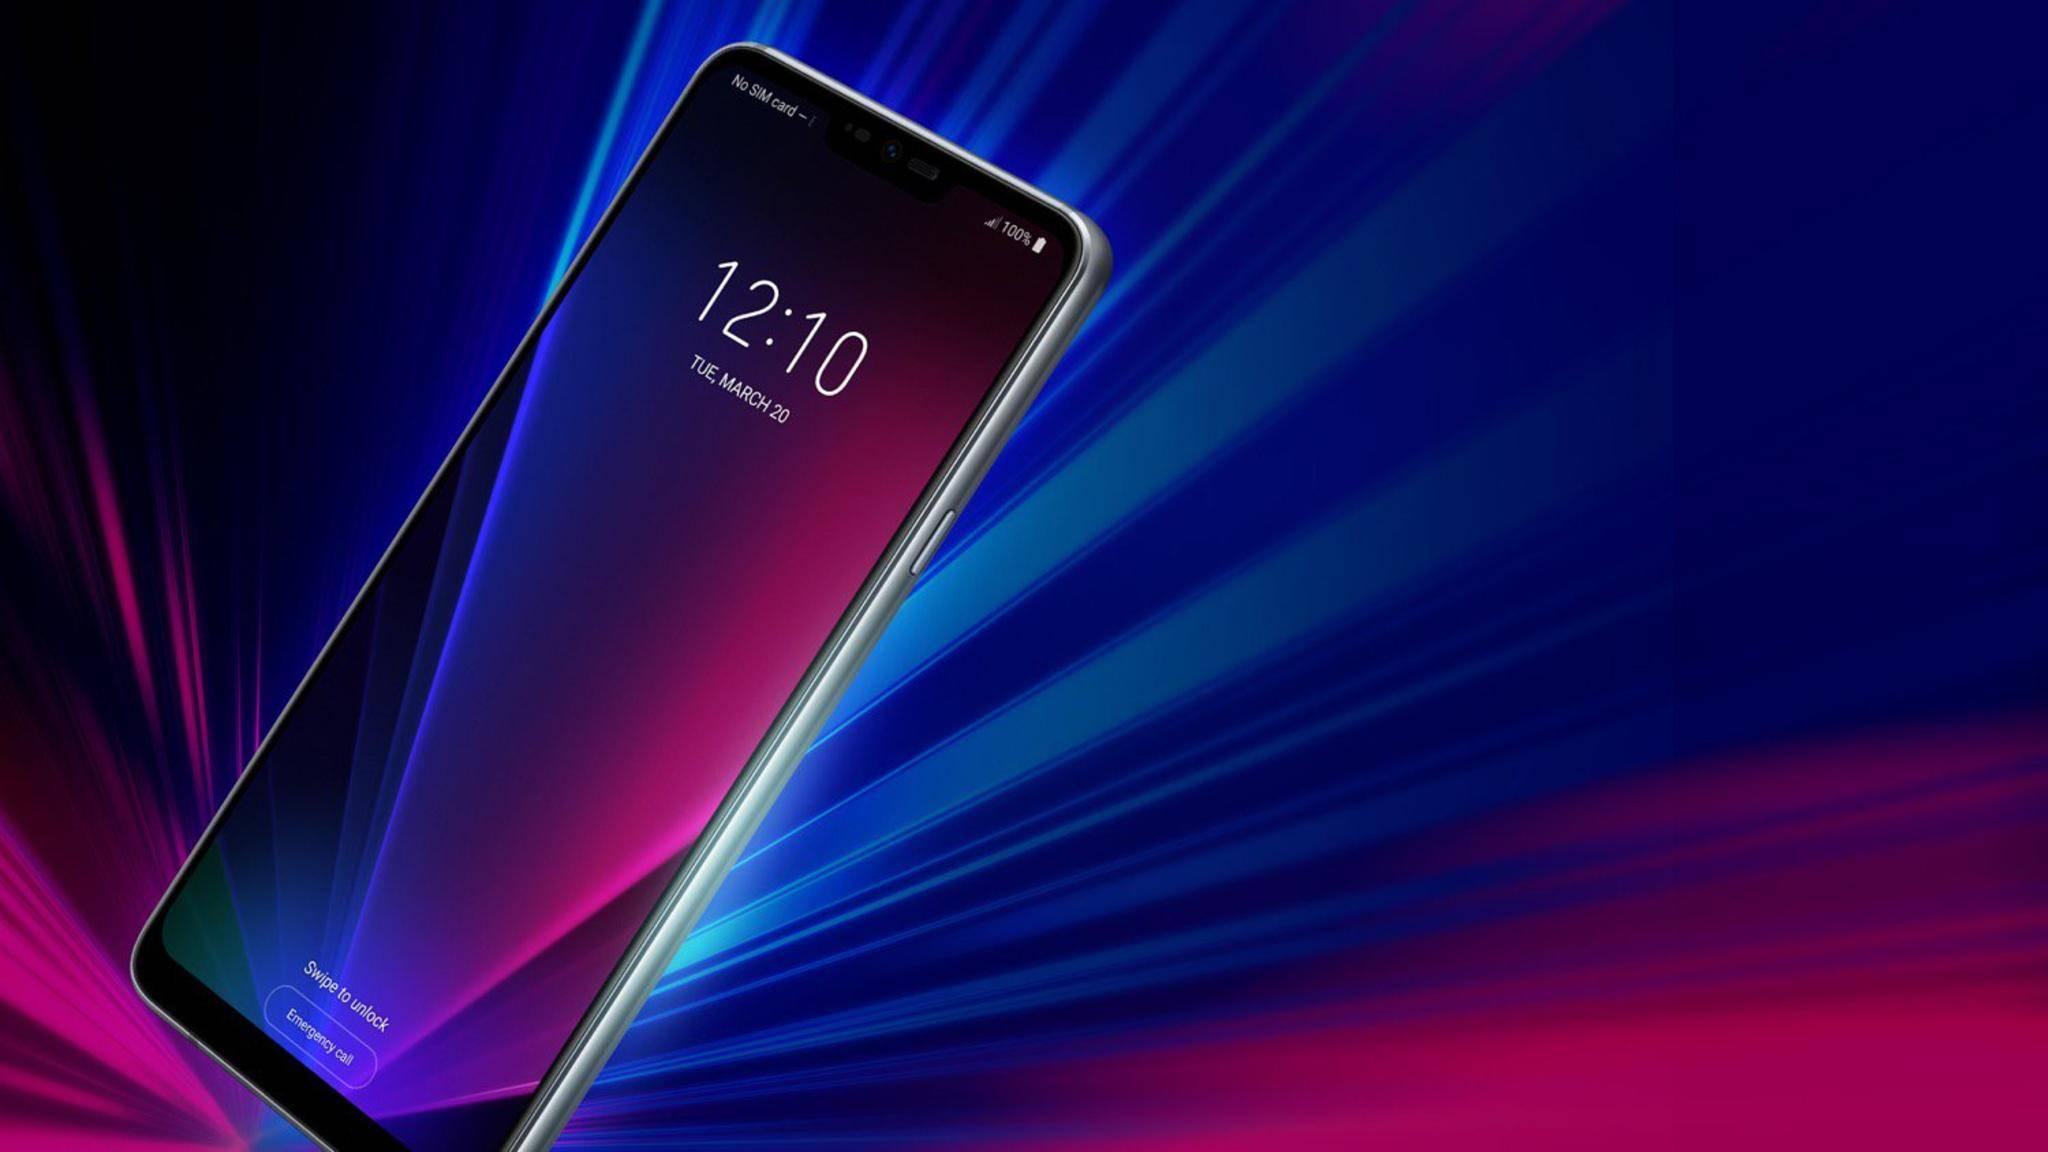 Das LG G7 ThinQ hat nicht die beste Akkulaufzeit aktueller Top-Smartphones.